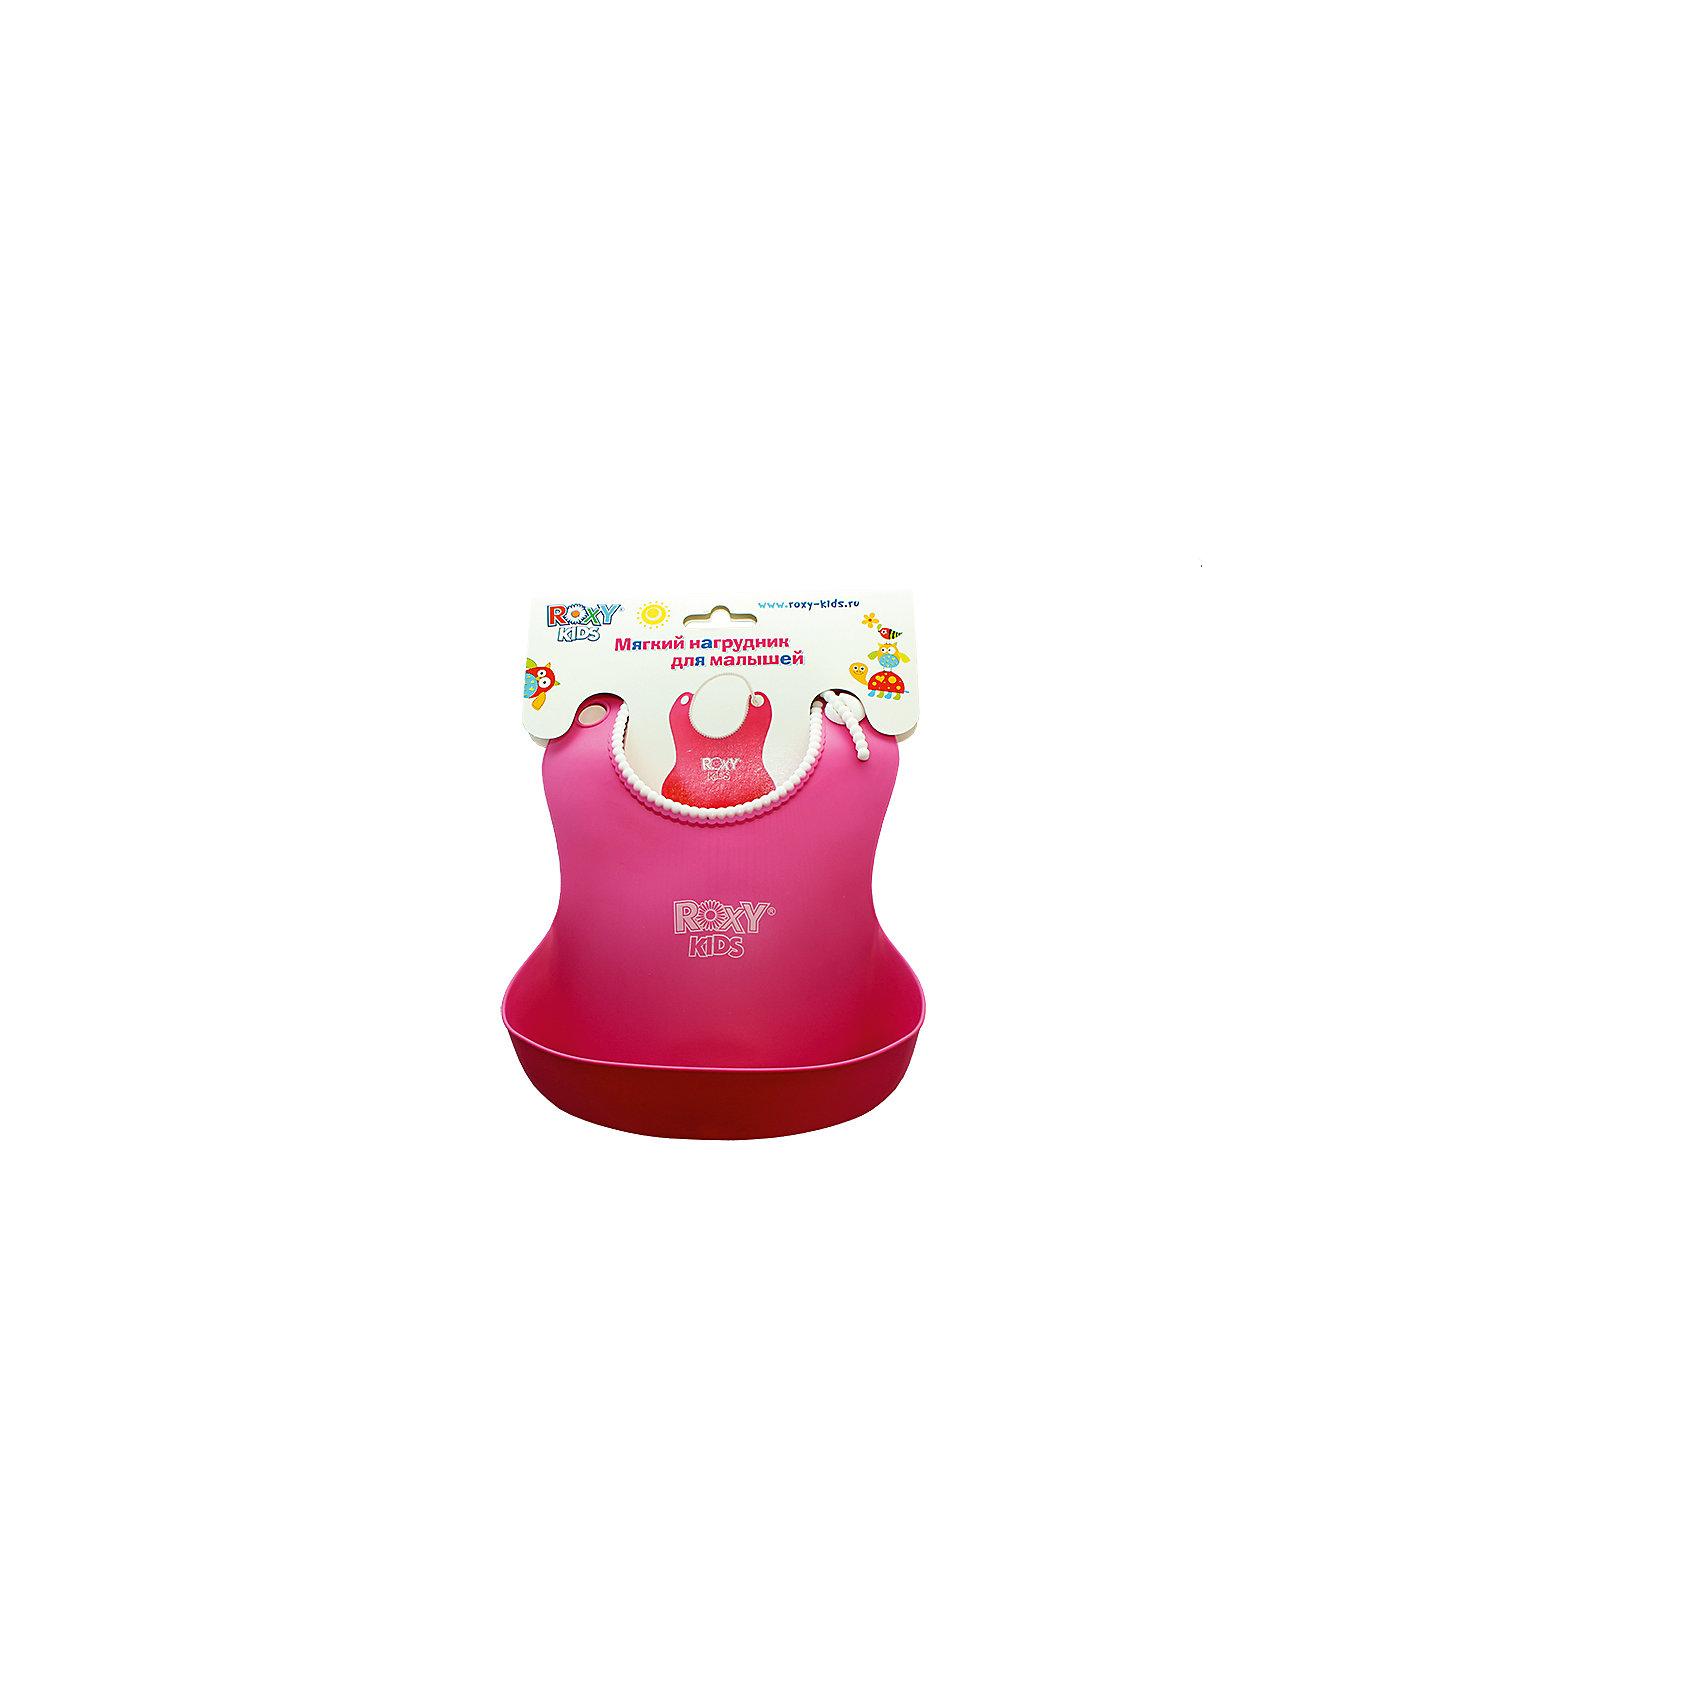 Мягкий нагрудник с кармашком, Roxy-Kids, розовыйНагрудники и салфетки<br>Дизайн Мягкого нагрудника с кармашком, Roxy-Kids (Рокси-Кидс), розовый продуман таким образом, чтобы обеспечить максимальное удобство и комфорт при его использовании маме и малышу. Он сделан из пластичного и приятного на ощупь материала, который не натирает и не царапает нежную кожу ребенка, а удобные застежки сзади позволяют регулировать степень прилегания нагрудника к шее ребенка. <br><br>Характеристики:<br>-Цвет: розовый<br>-Имеет специальный кармашек для крошек<br>-Легко моется мыльным раствором<br>-Устойчивость к запахам<br><br>Дополнительная информация:<br>-Материал: полиэстат<br>-Размер горловины: 19-30 см<br>-Вес в упаковке: 100 г<br>-Размеры в упаковке (ДхШхВ): 270х210х50 мм<br><br>Нагрудник Рокси-Кидс, розовый – стильный и нужный аксессуар в процессе кормления Вашего малыша!<br><br>Мягкий нагрудник с кармашком, Roxy-Kids (Рокси-Кидс), розовый можно купить в нашем магазине.<br><br>Ширина мм: 270<br>Глубина мм: 210<br>Высота мм: 50<br>Вес г: 100<br>Цвет: розовый<br>Возраст от месяцев: 6<br>Возраст до месяцев: 36<br>Пол: Женский<br>Возраст: Детский<br>SKU: 4026293